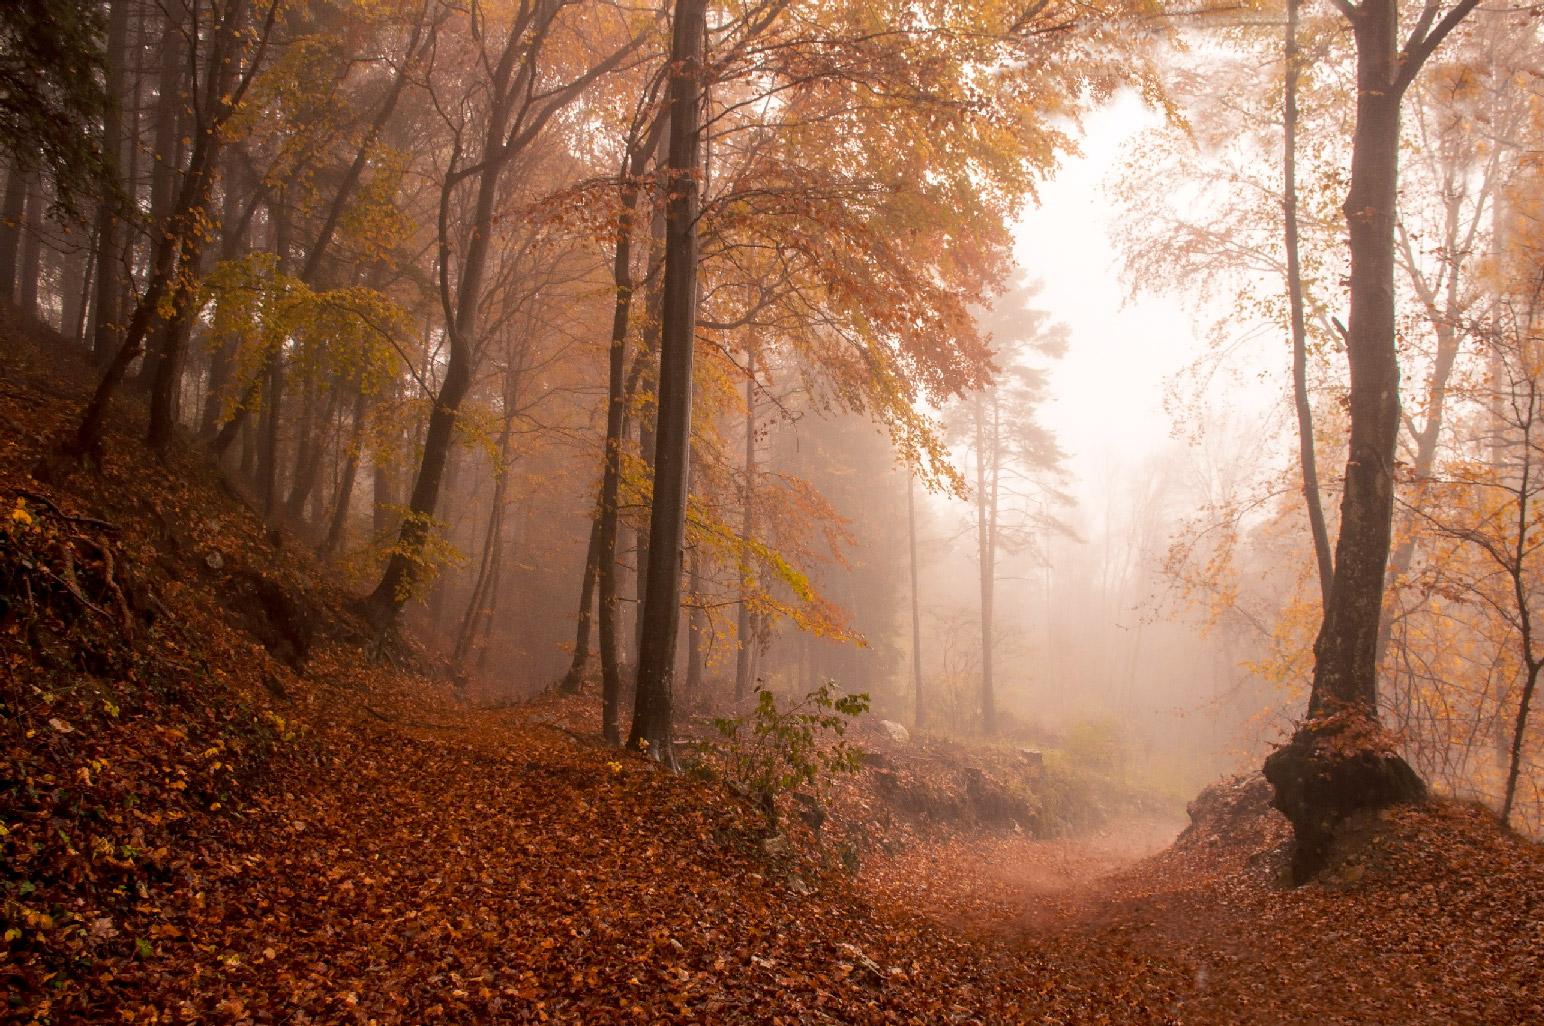 In the autumn fog...